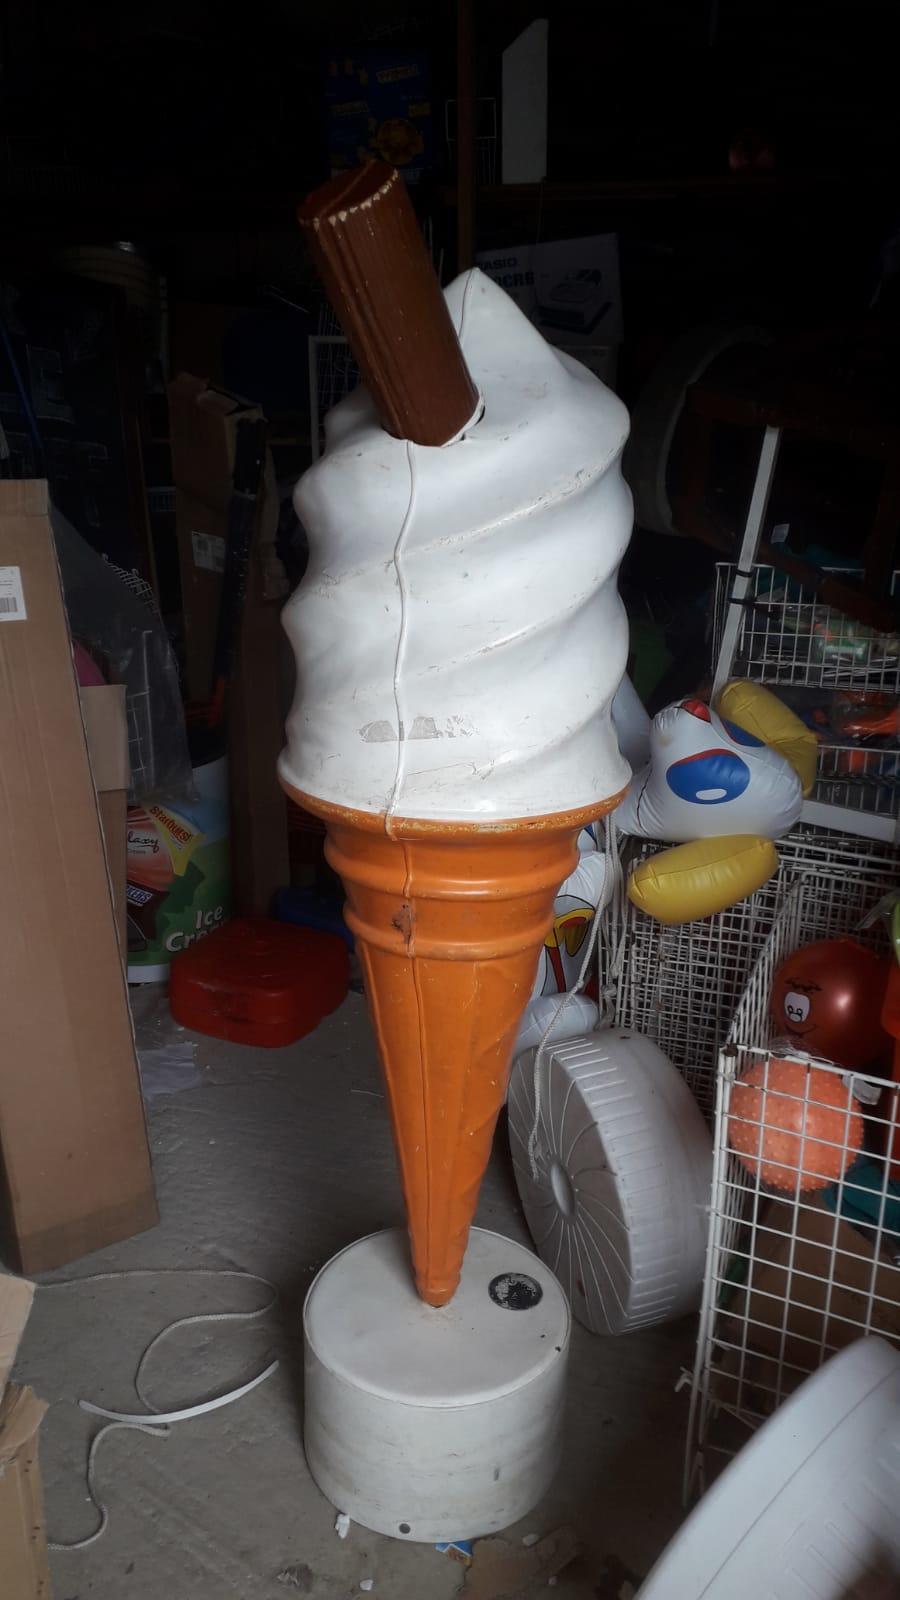 5 feet giant plastic 99 ice cream